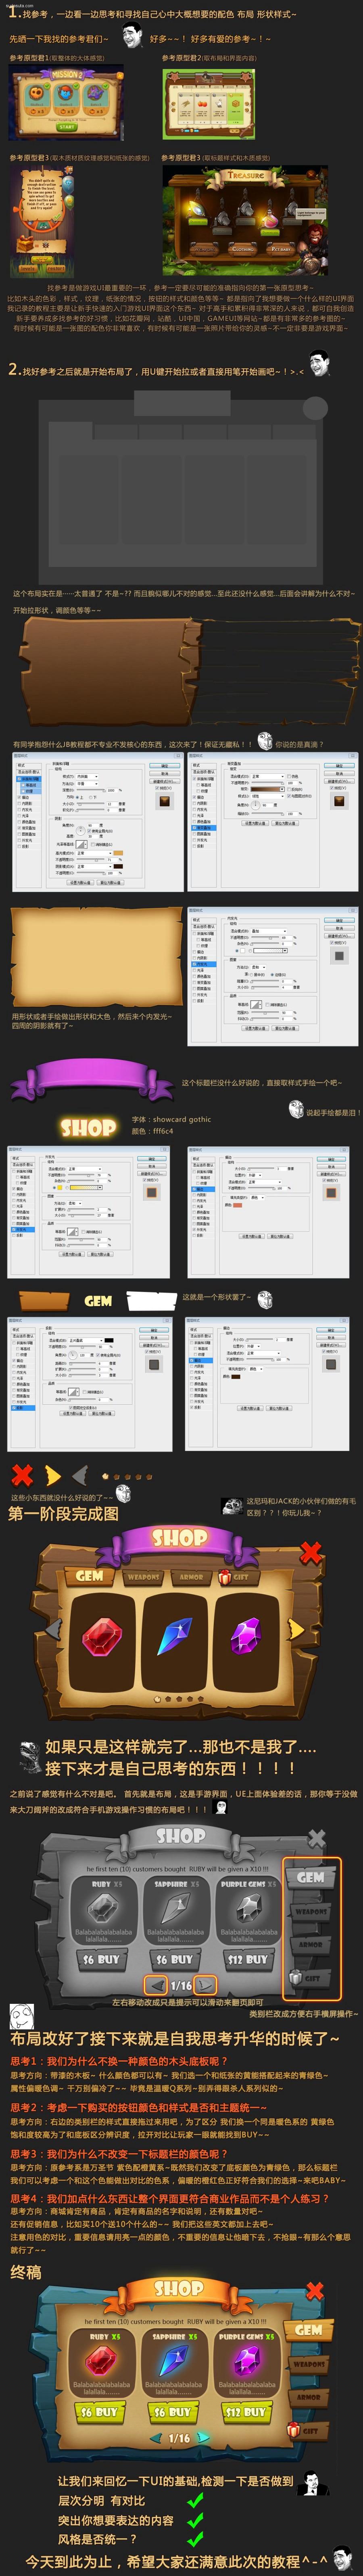 如何绘制游戏中的Q版商店界面